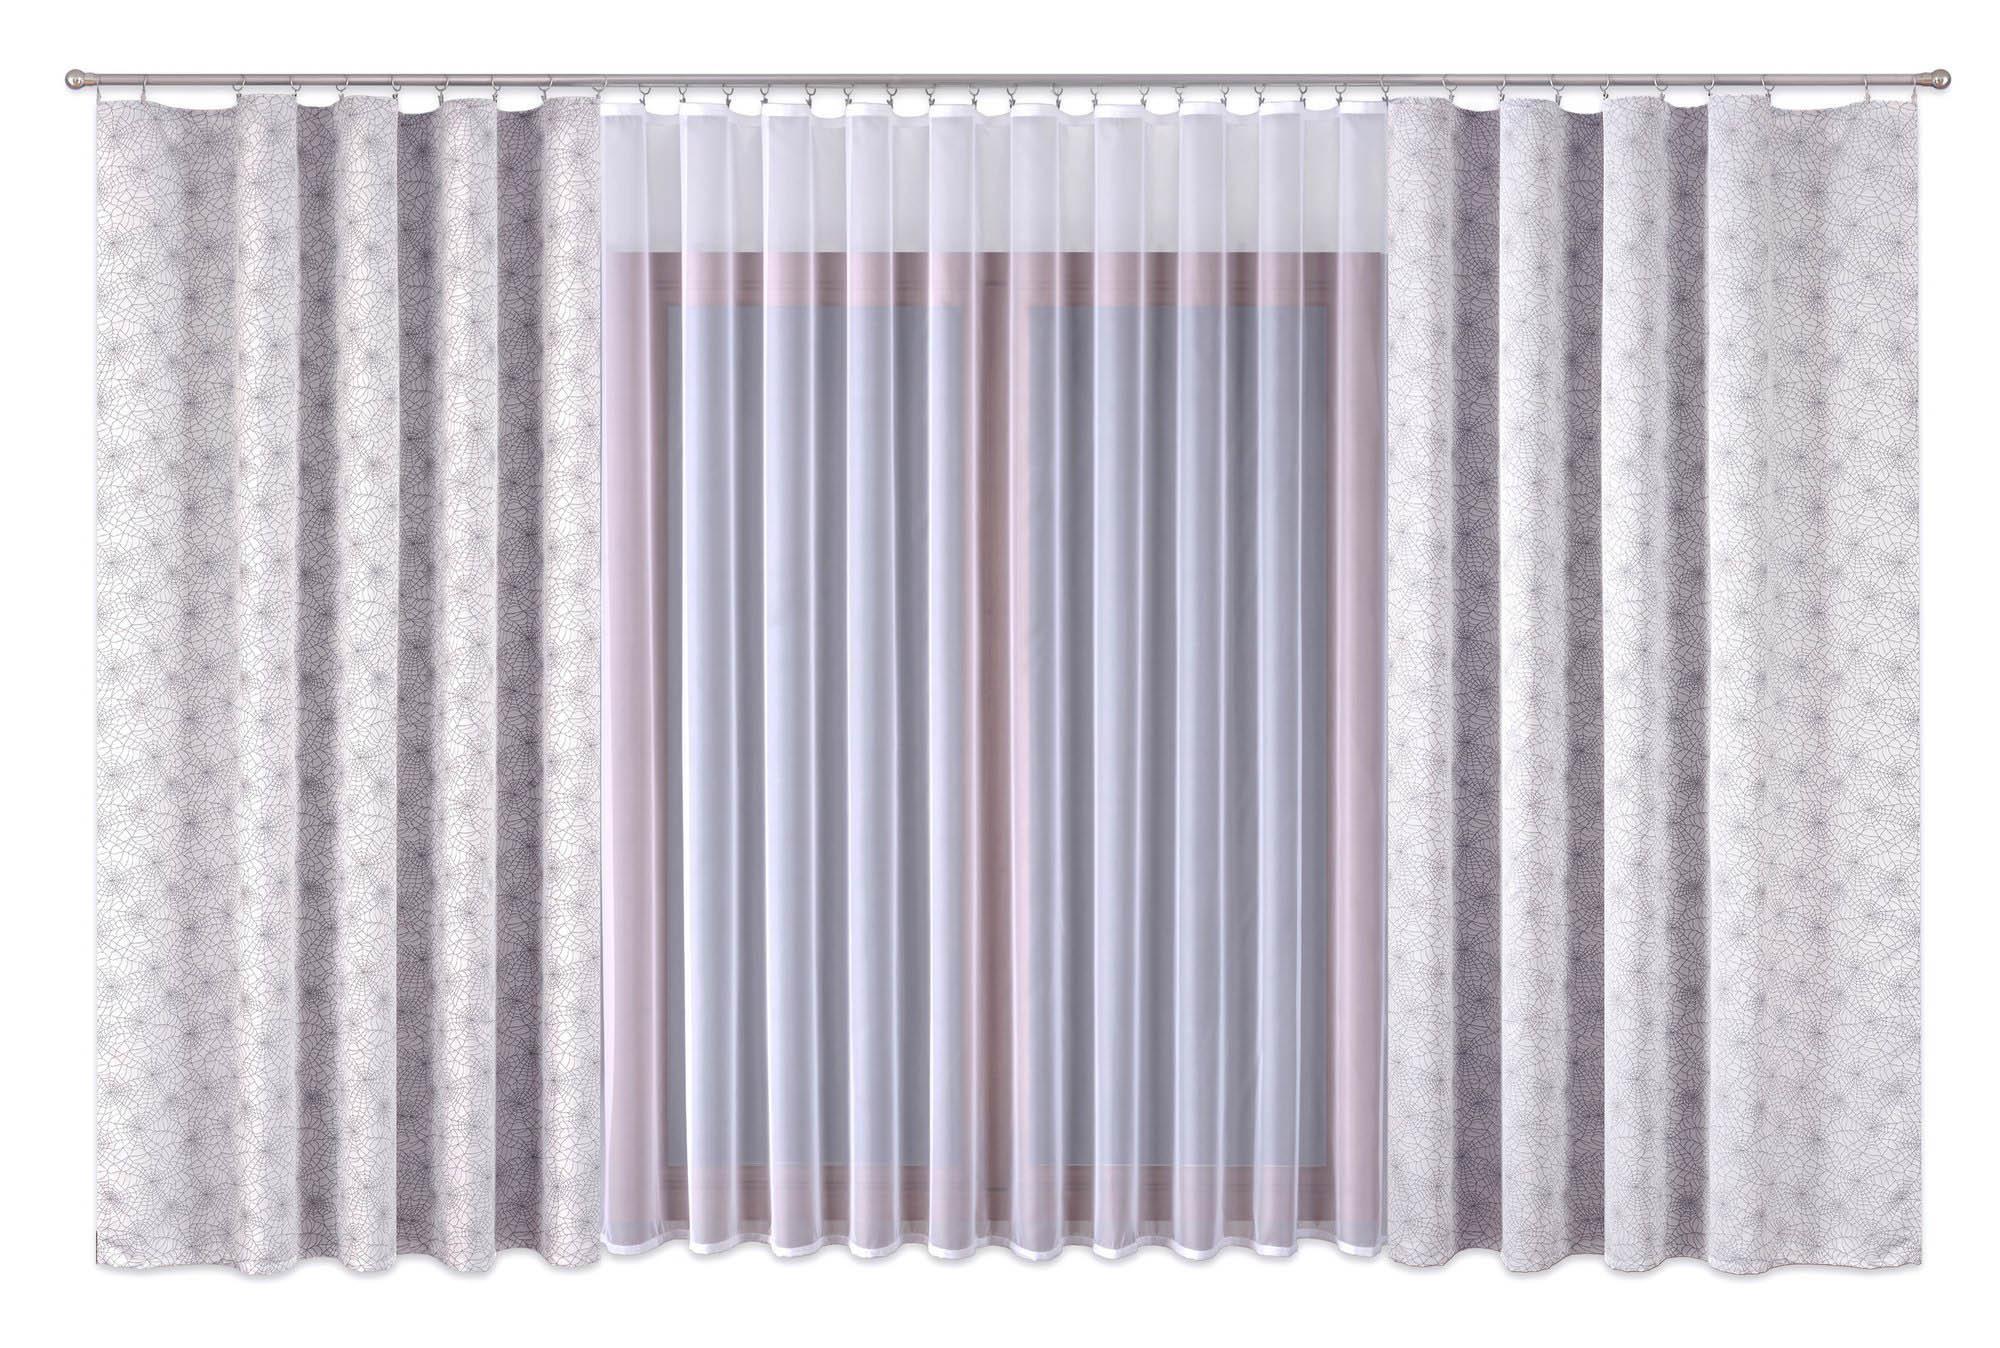 Шторы Primavera Классические шторы Debbie Цвет: Серый шторы tac классические шторы winx цвет персиковый 200x265 см